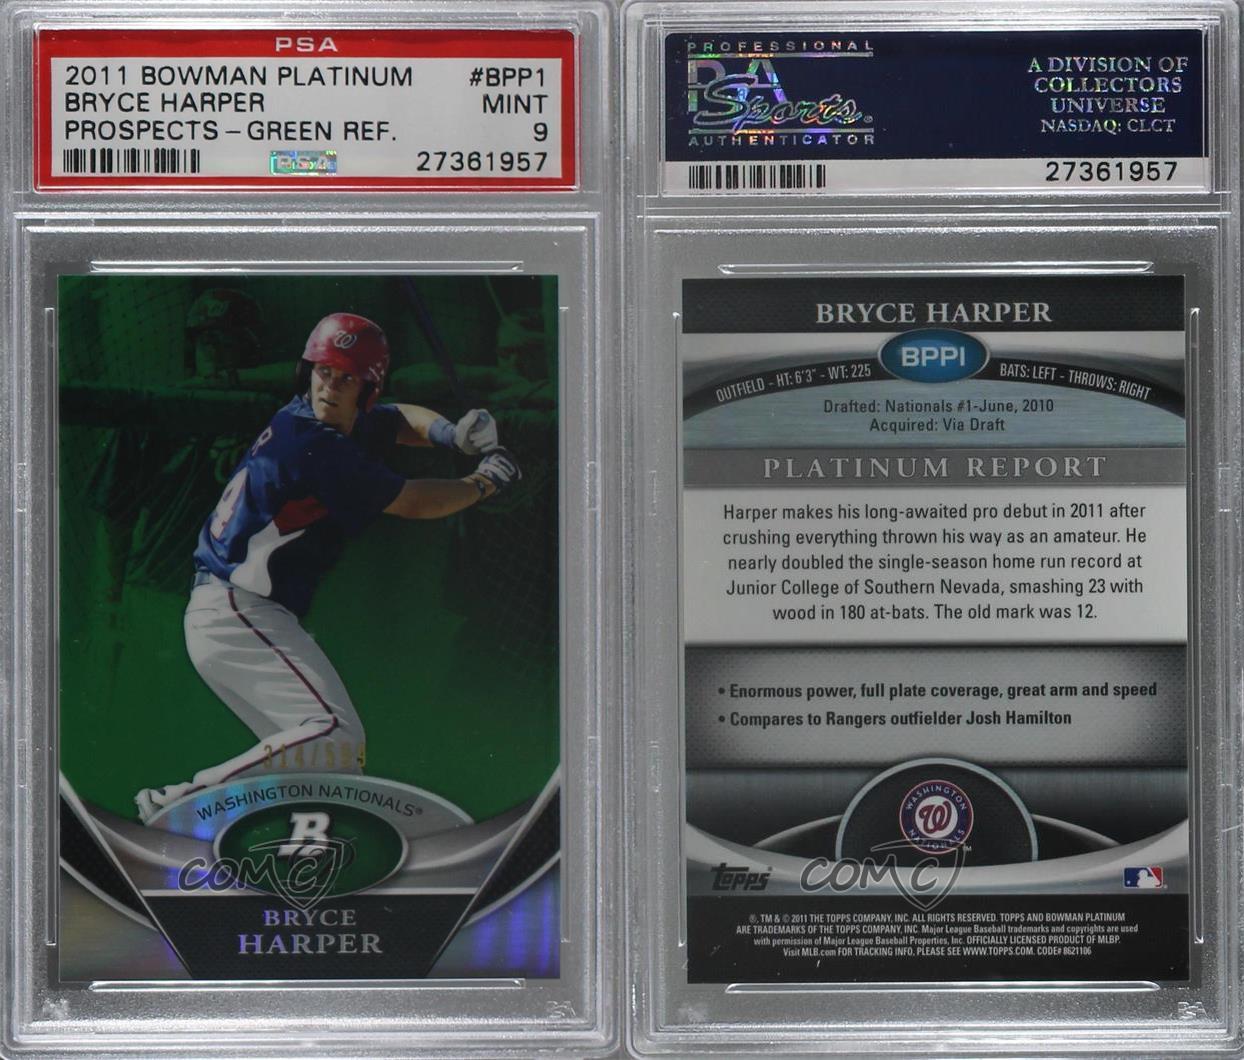 2011-Bowman-Platinum-Prospects-Refractor-Green-BPP1-Bryce-Harper-PSA-9-MINT-Card